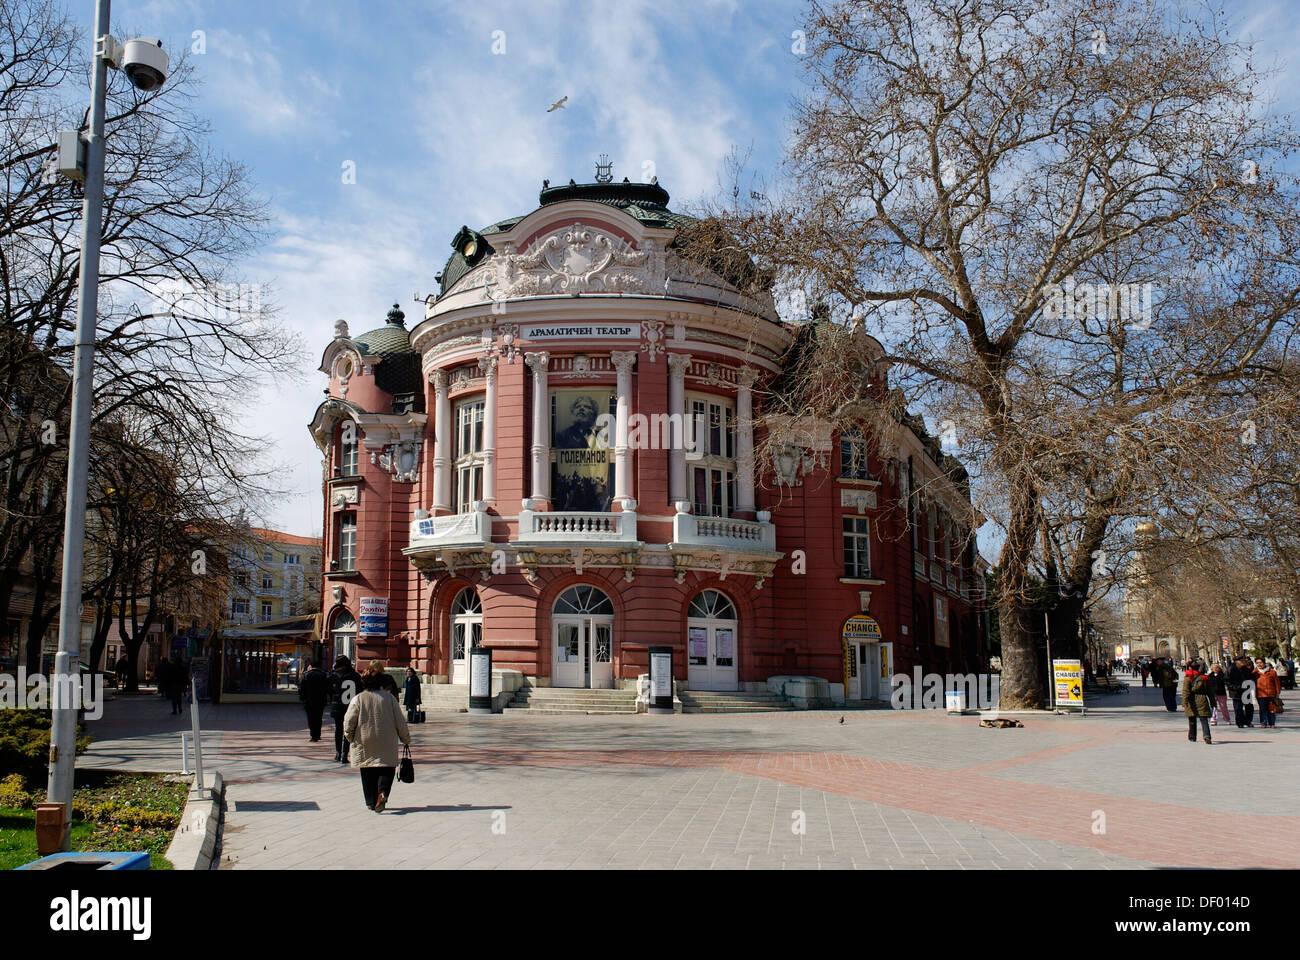 Pl. Nezavisimos, theatre, opera house, Varna, Bulgary, Europe - Stock Image